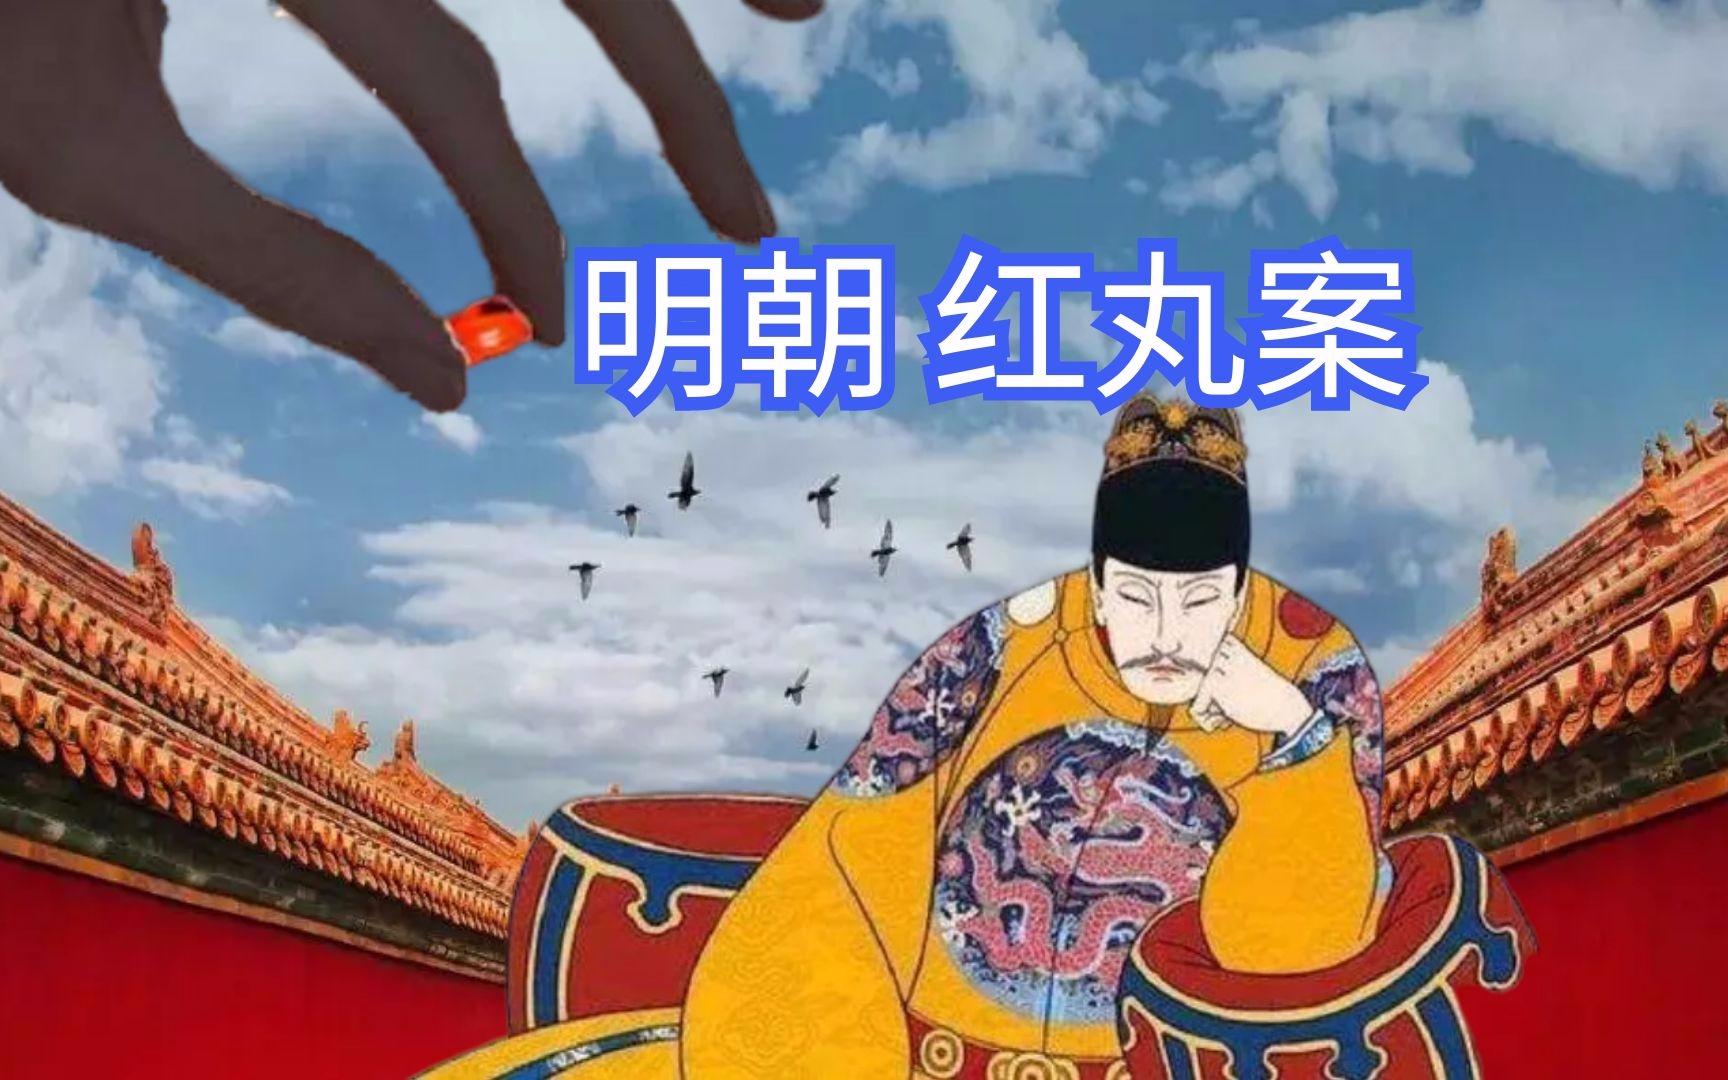 明朝最倒霉皇帝,就是因为死因太过离奇,至今还留下了诸多疑窦